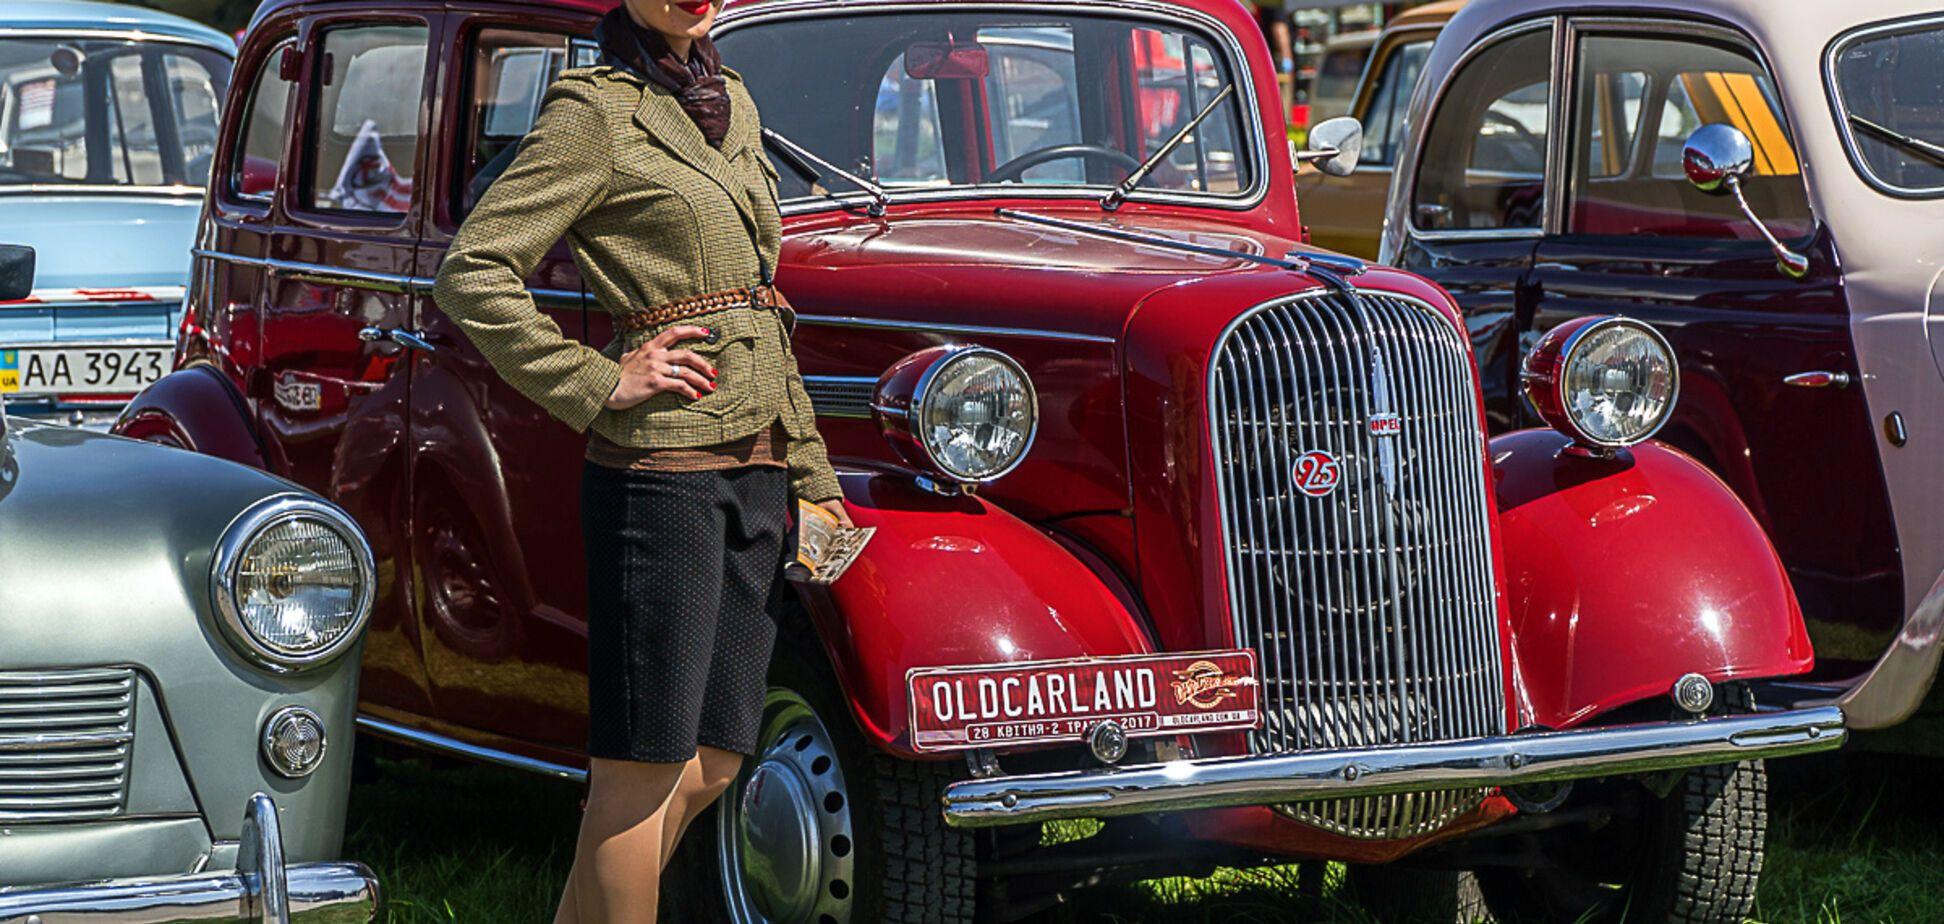 Виставка ретро-автомобілів Old Car Land, 27.04-01.05